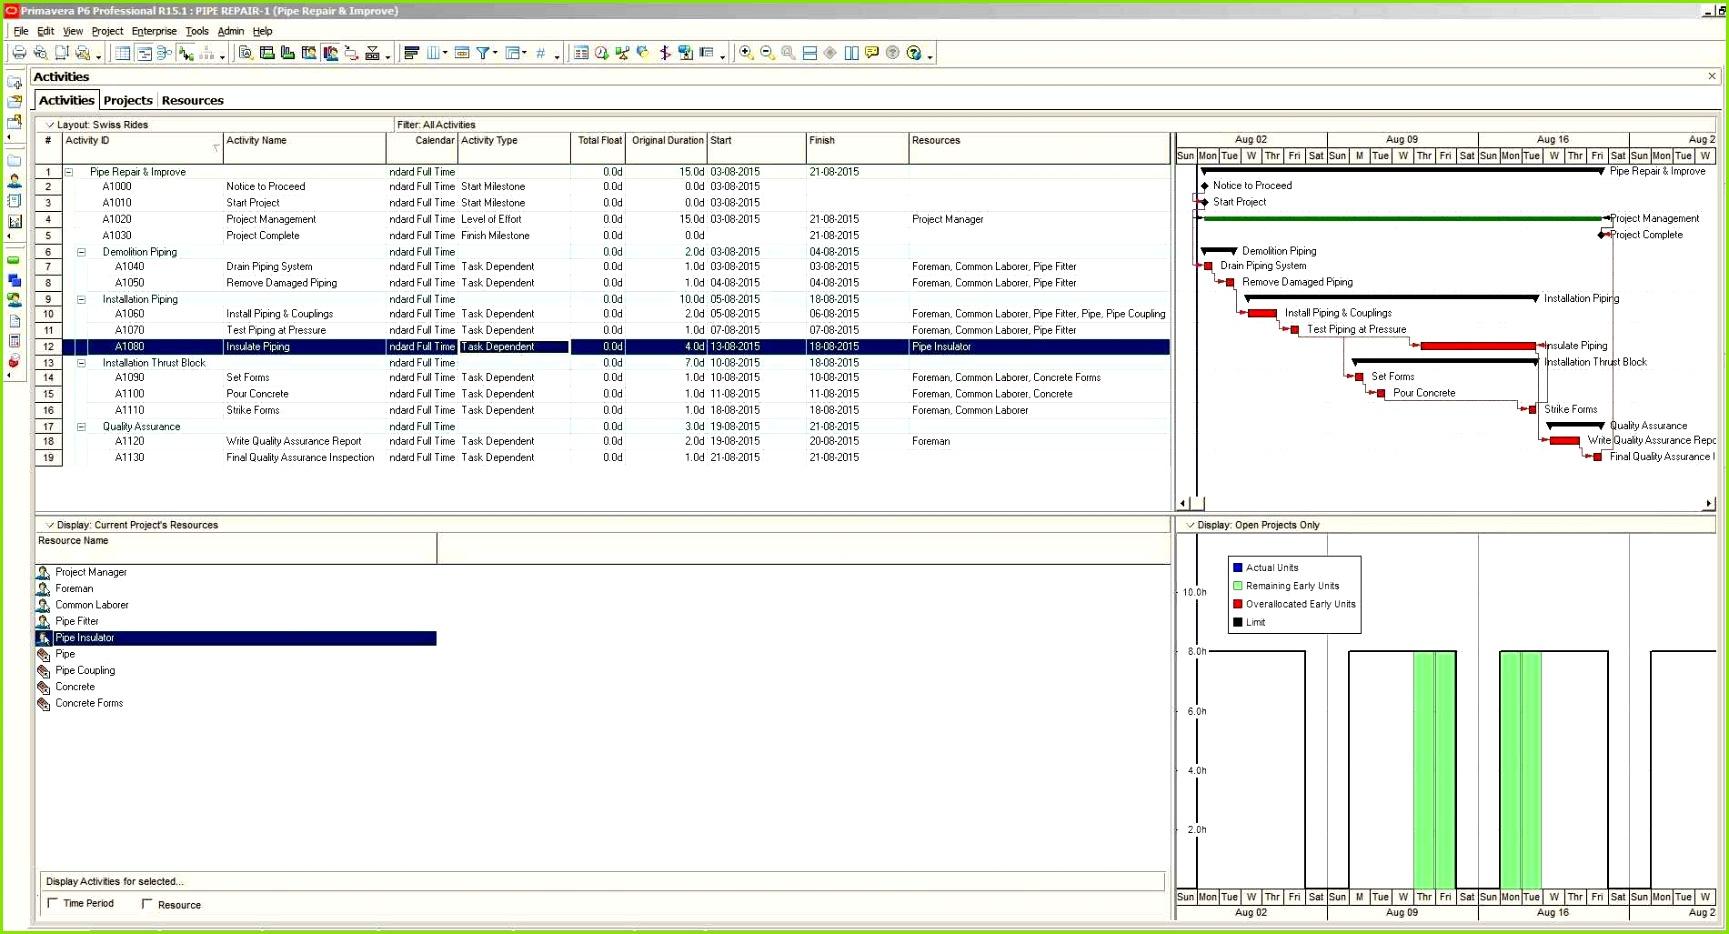 Arbeitsplan Vorlage Kostenlos Frisch 40 Das Konzept Von Lebenslauf Excel Douglaschannelenergy 37 Detaillierte Arbeitsplan Vorlage